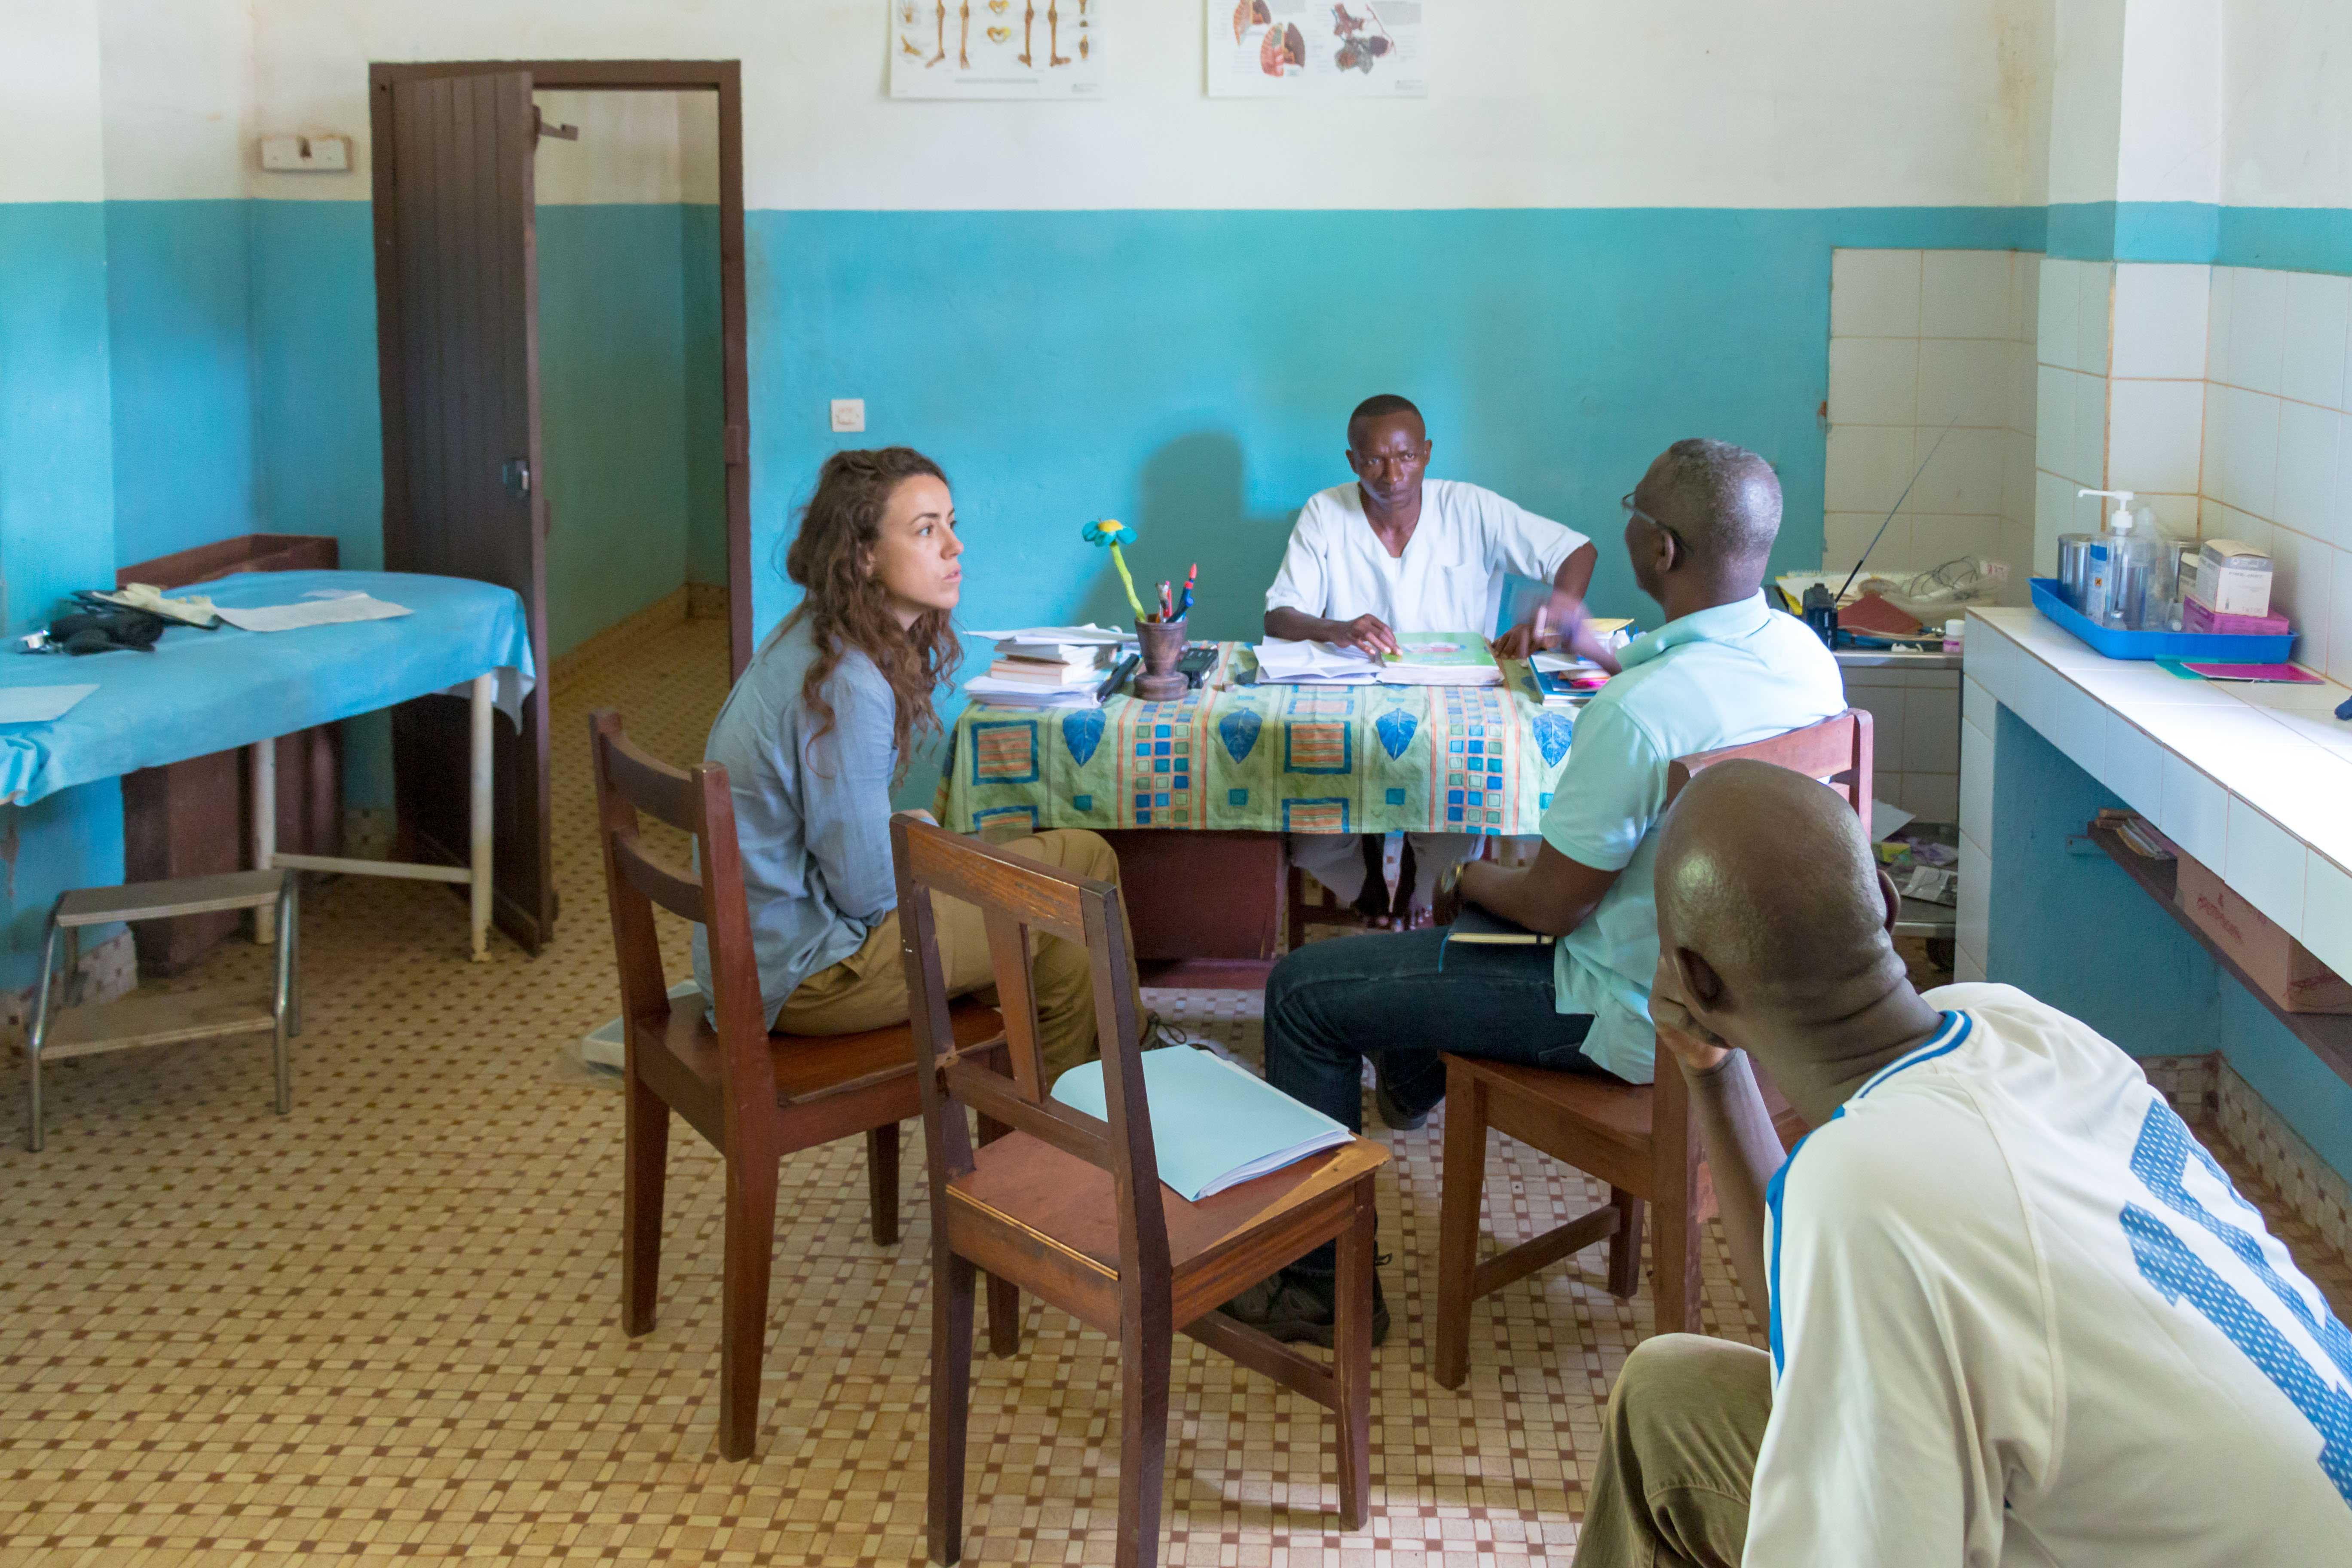 L'Institut Pasteur de Bangui, l'Institut Pasteur Paris et le Museum national d'Histoire naturelle conduisent un projet transversal de recherche nommé AFRIPOX : étude du Monkeypox dans le concept one health - infection humaine, réservoir animal, écologie de la maladie et outils de diagnostic. L'objectif est de mieux connaitre l'épidémiologie de la maladie en République Centrafricaine et tenter d'identifier son réservoir animal afin de proposer des mesures de santé publique adaptées.